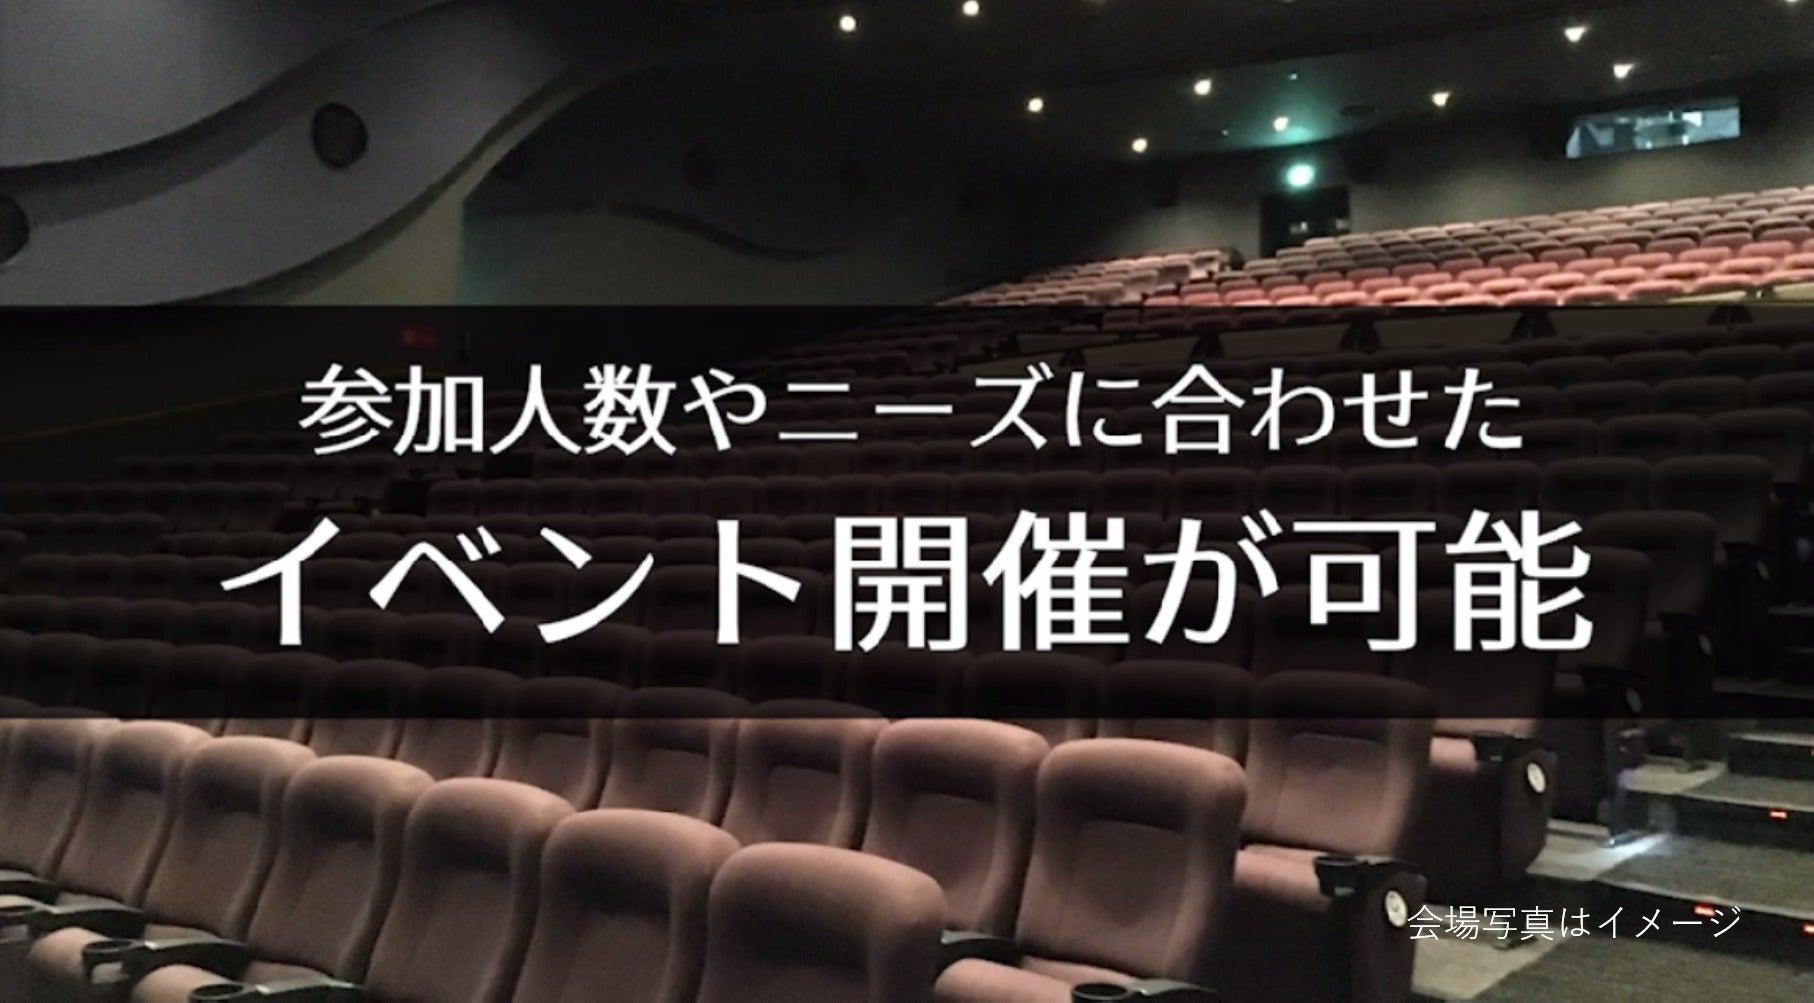 【長崎 153席】映画館で、会社説明会、株主総会、講演会の企画はいかがですか?(ユナイテッド・シネマ長崎) の写真0